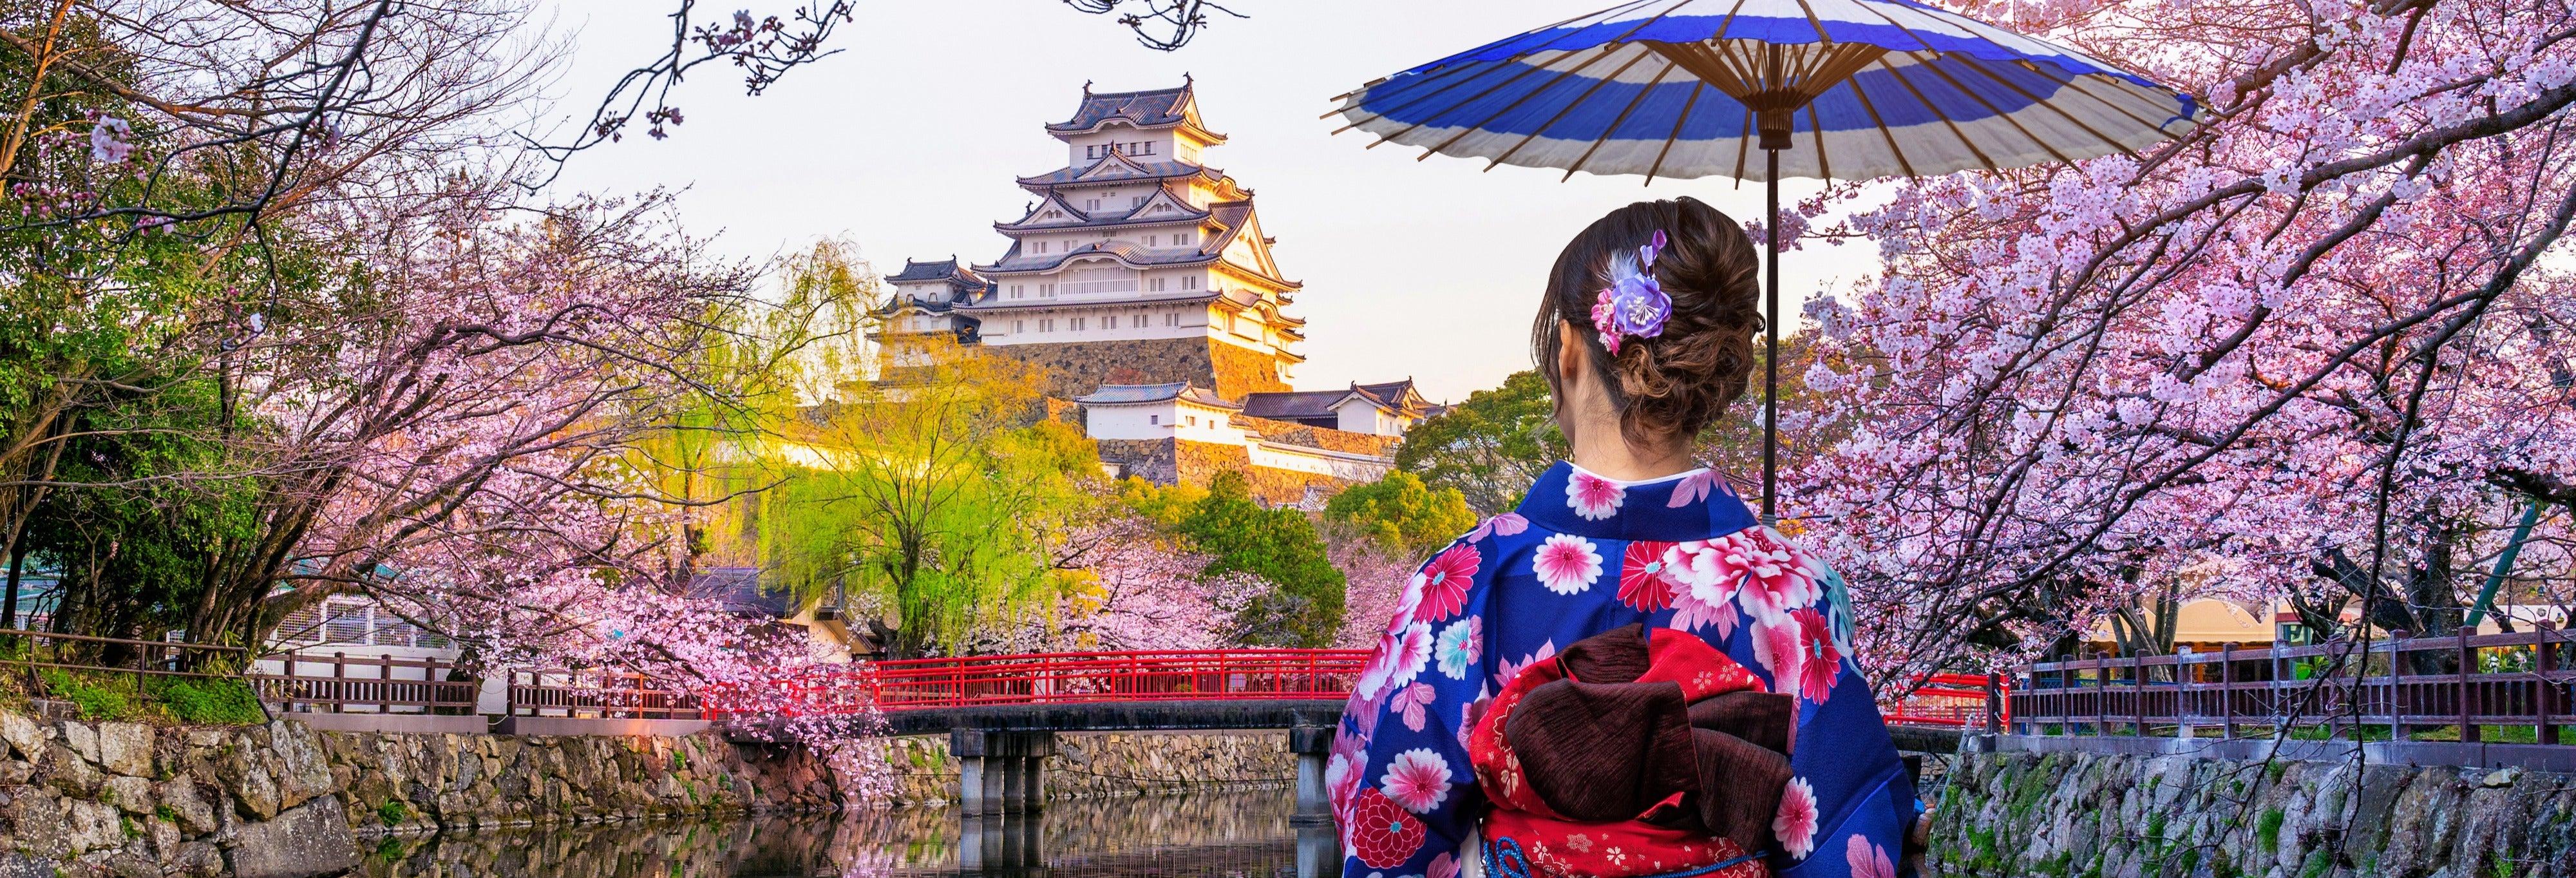 Visite guidée du château de Himeji